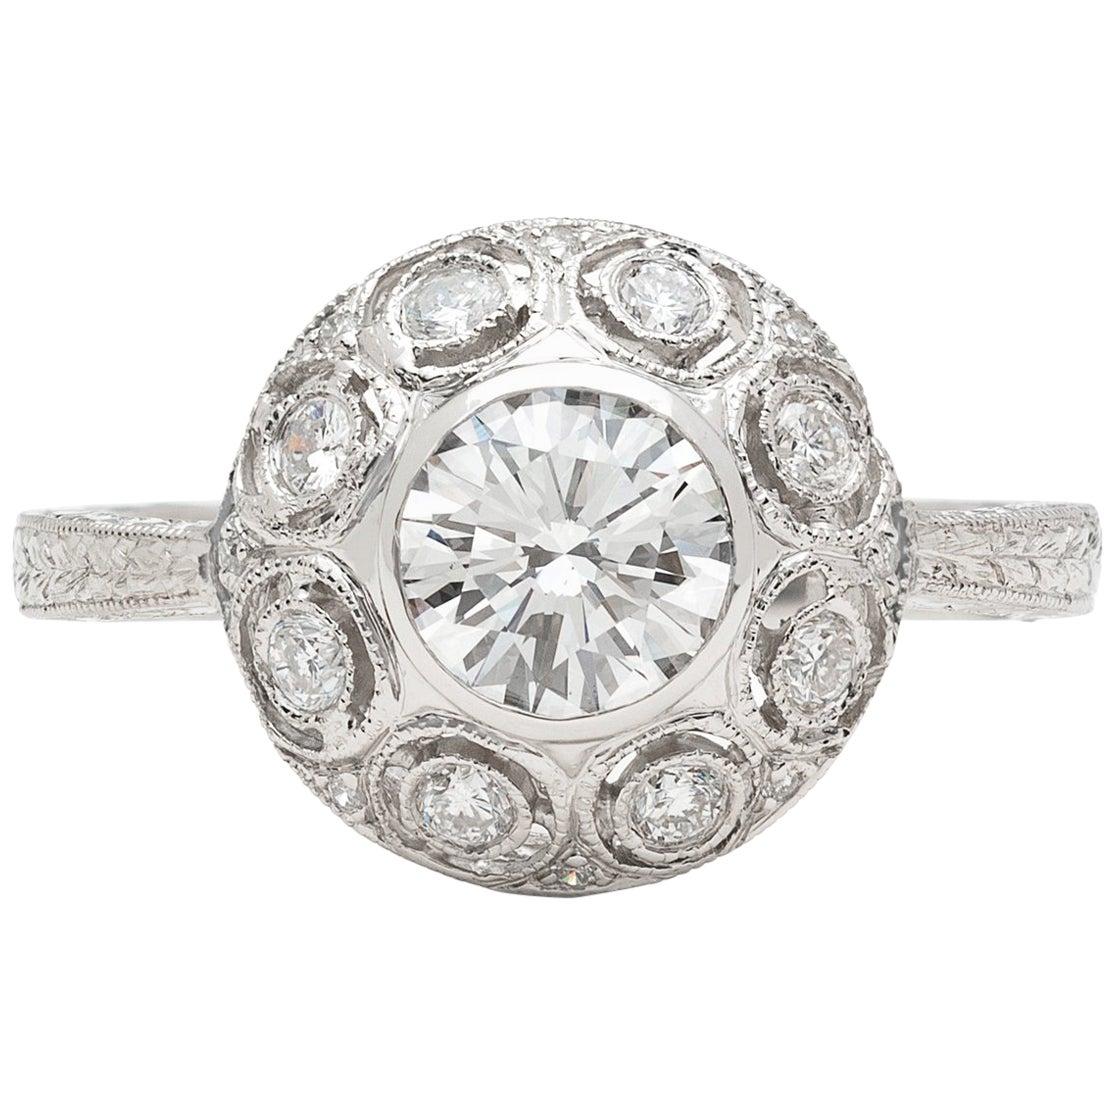 GIA 0.82 Carat F/VS2 Diamond Platinum Engagement Ring